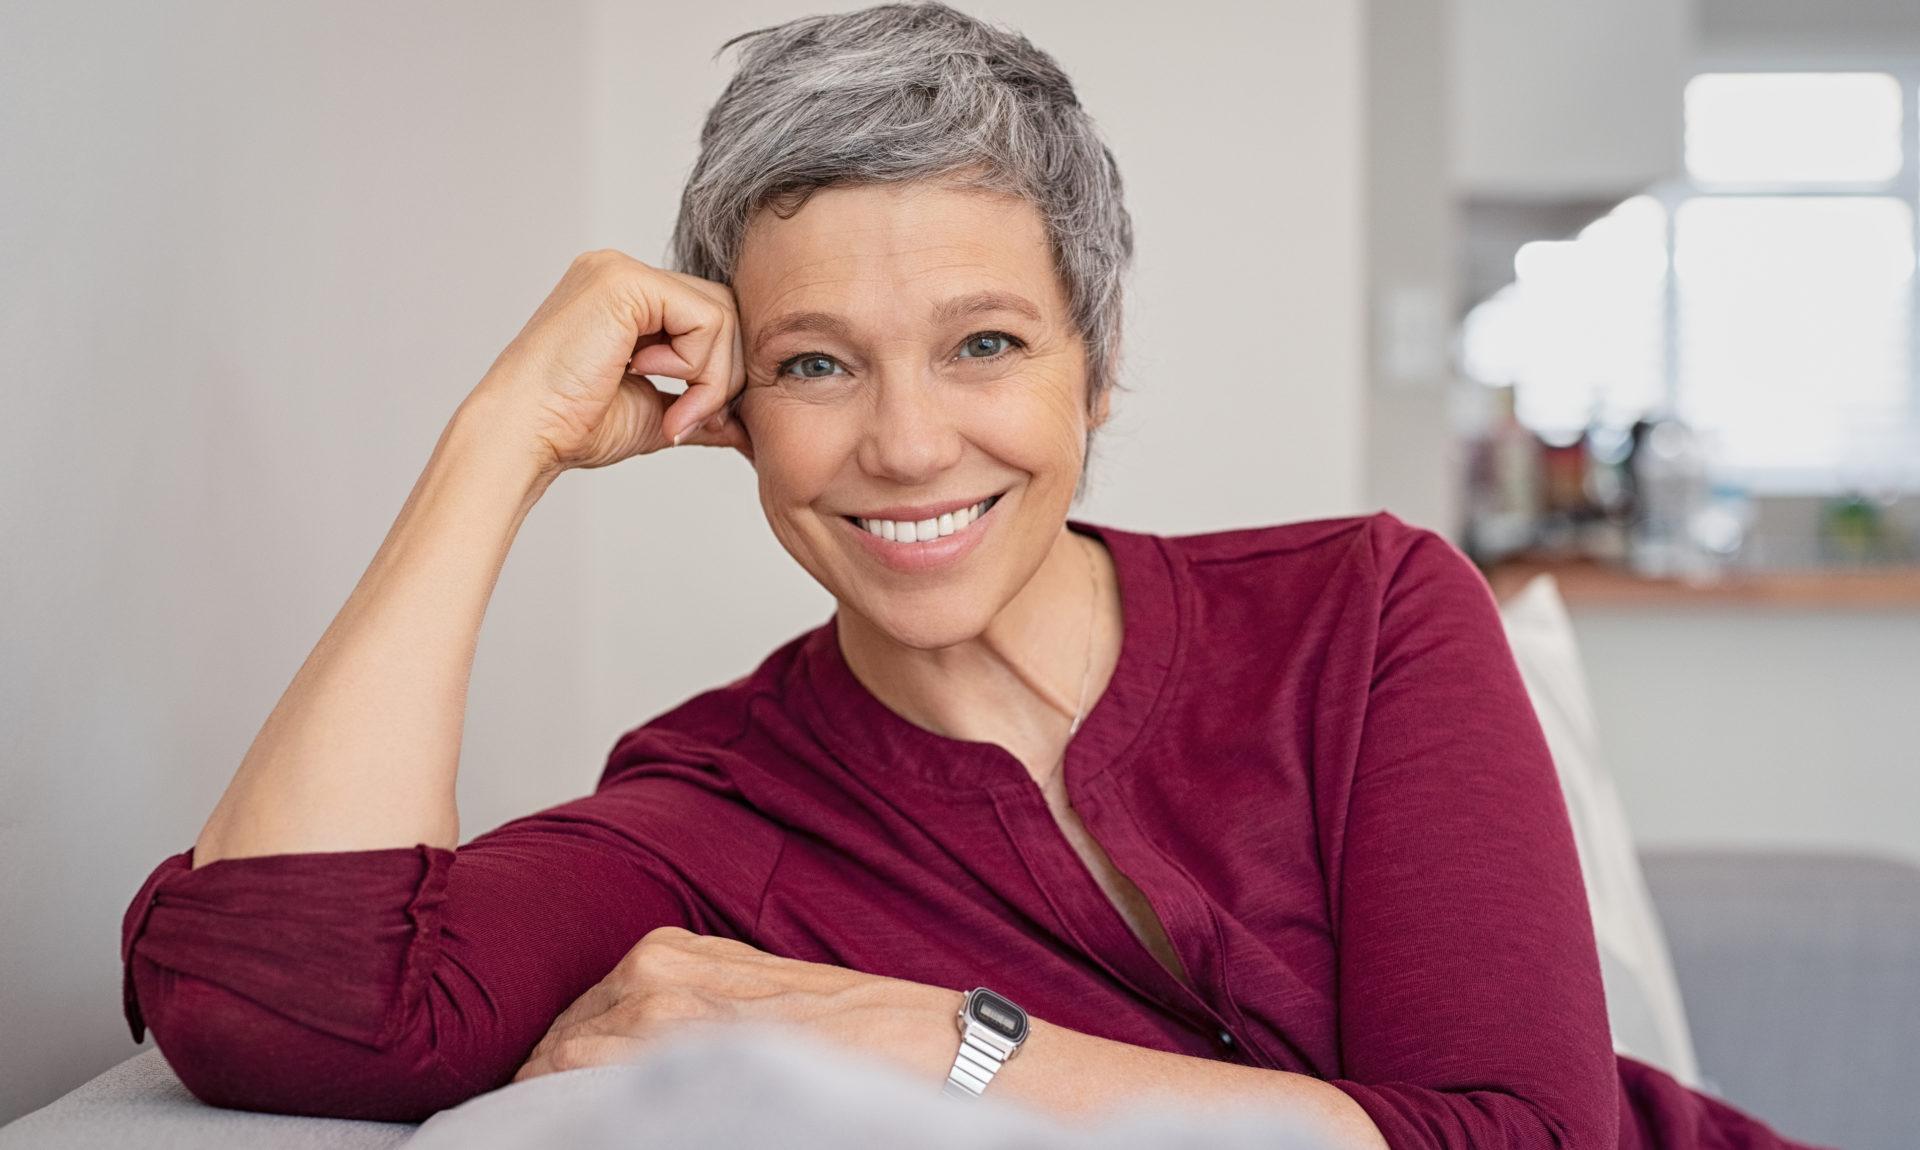 Raspar o cabelo e assumir os brancos: mulheres se libertam dos padrões